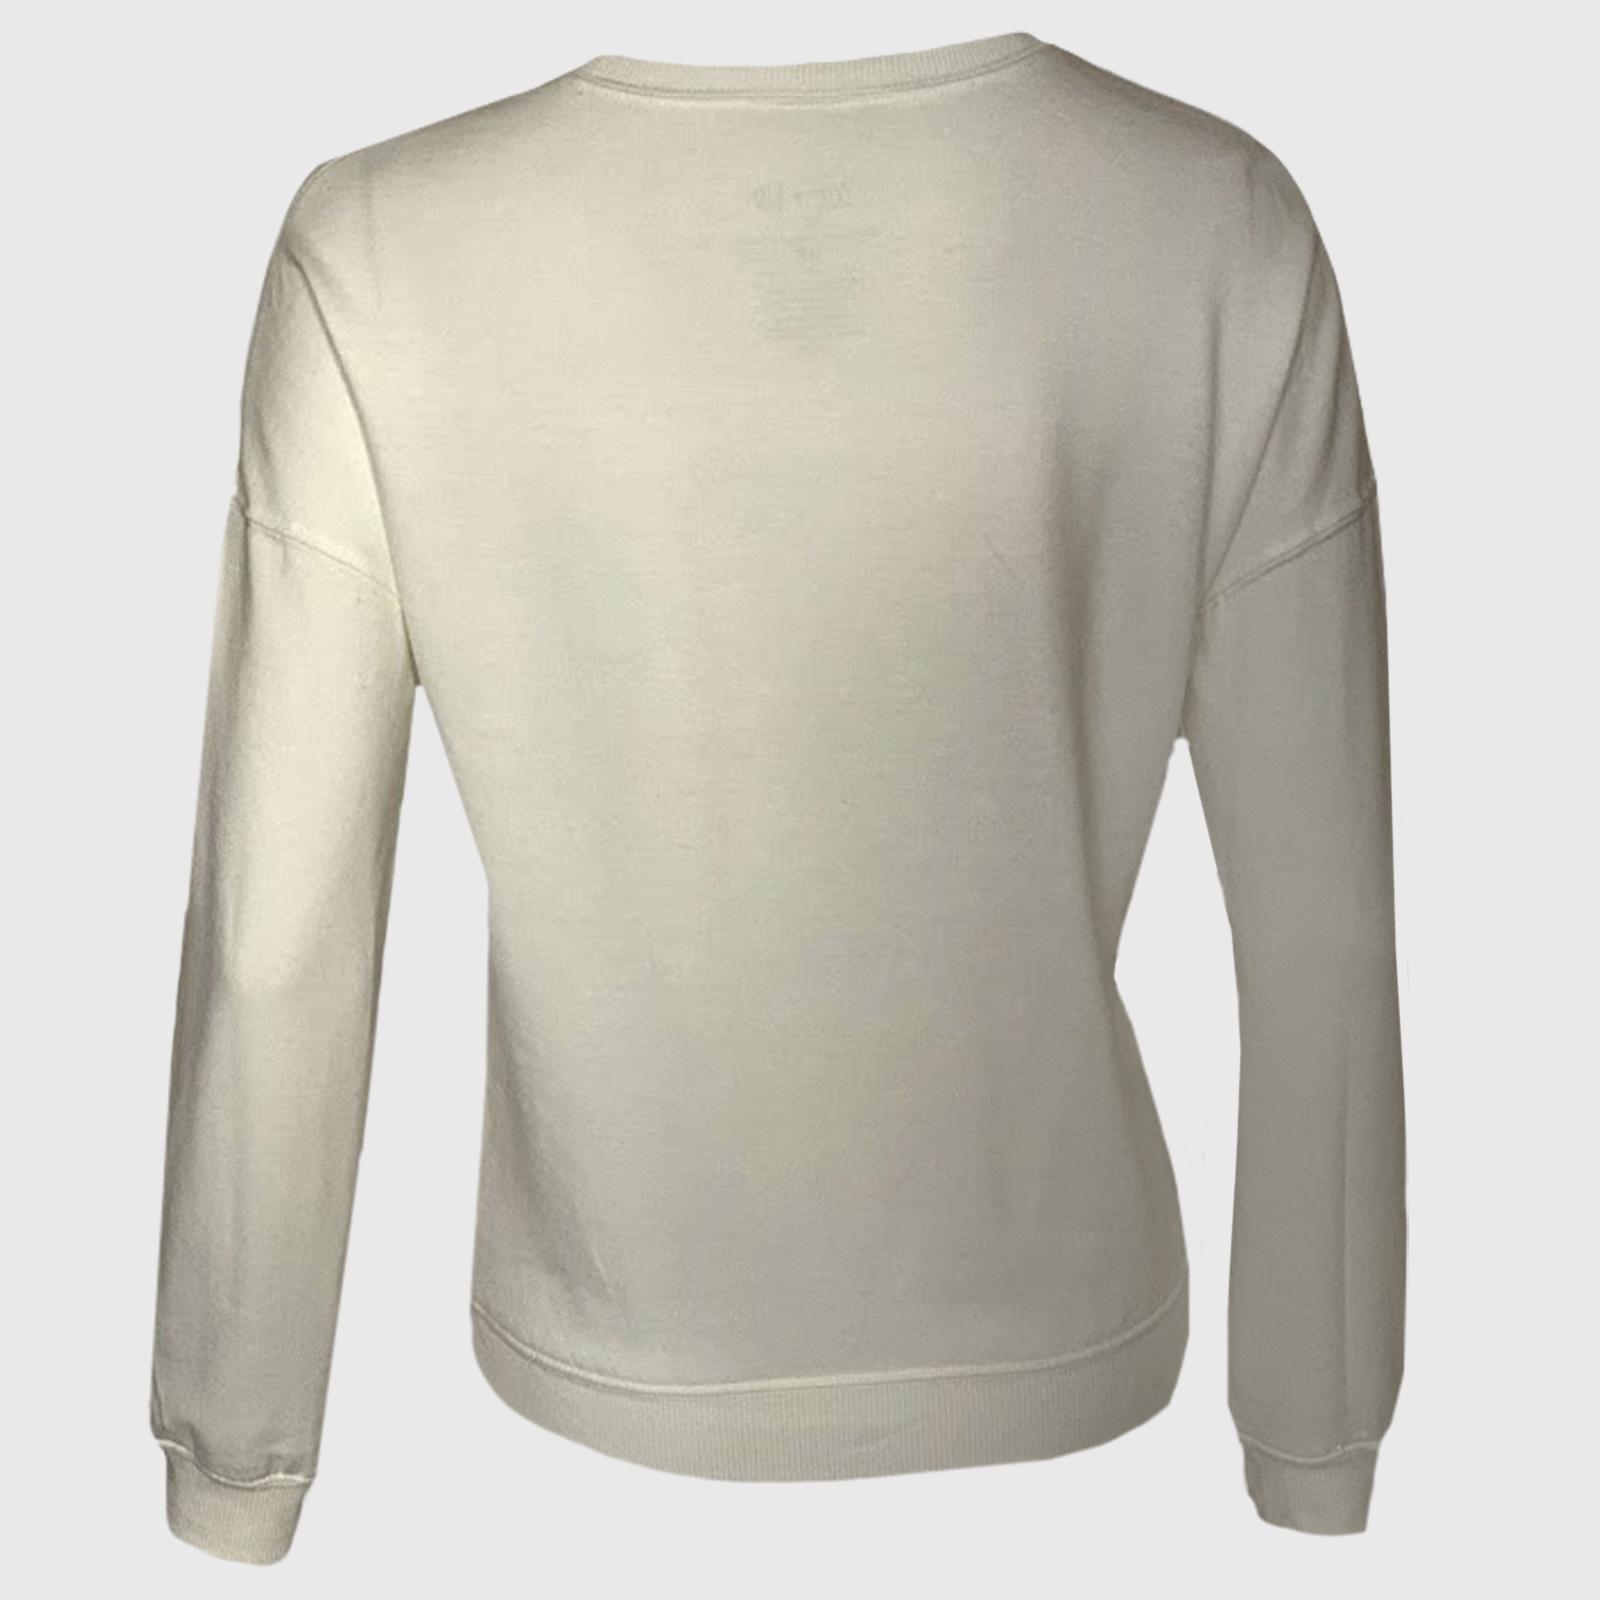 Купить в интернет магазине женскую кофточку реглан с принтом на груди